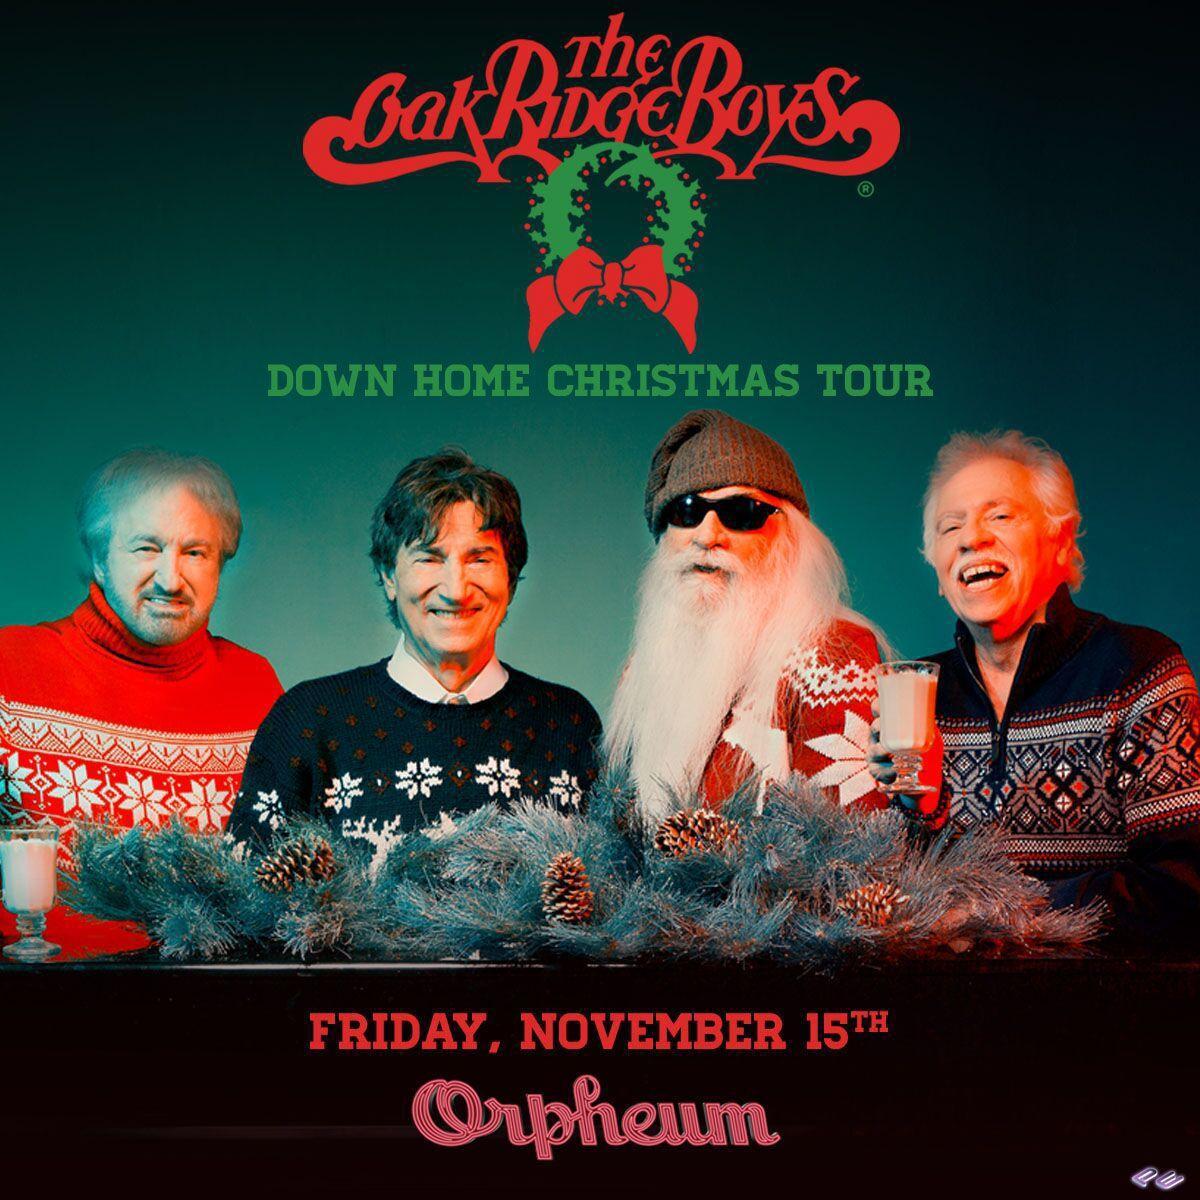 Oakridge Boys Christmas Tour Iowa 2020 The Oak Ridge Boys to bring 'Down Home Christmas Tour' to Sioux